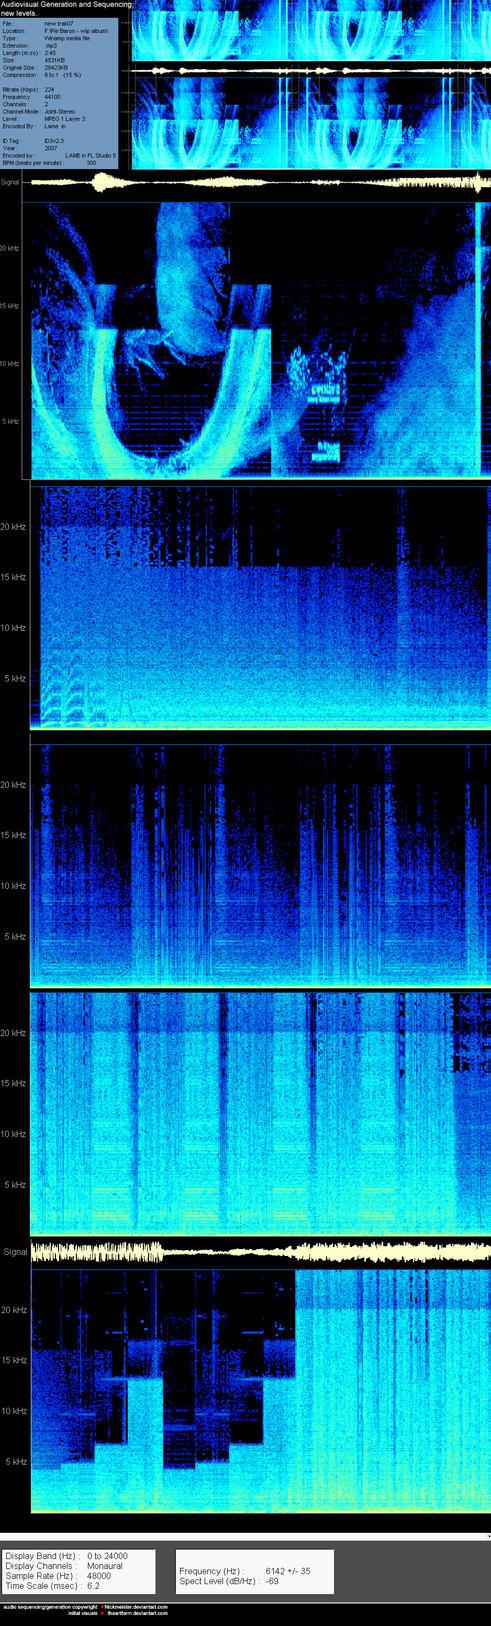 AudioVisual by Nickmeister